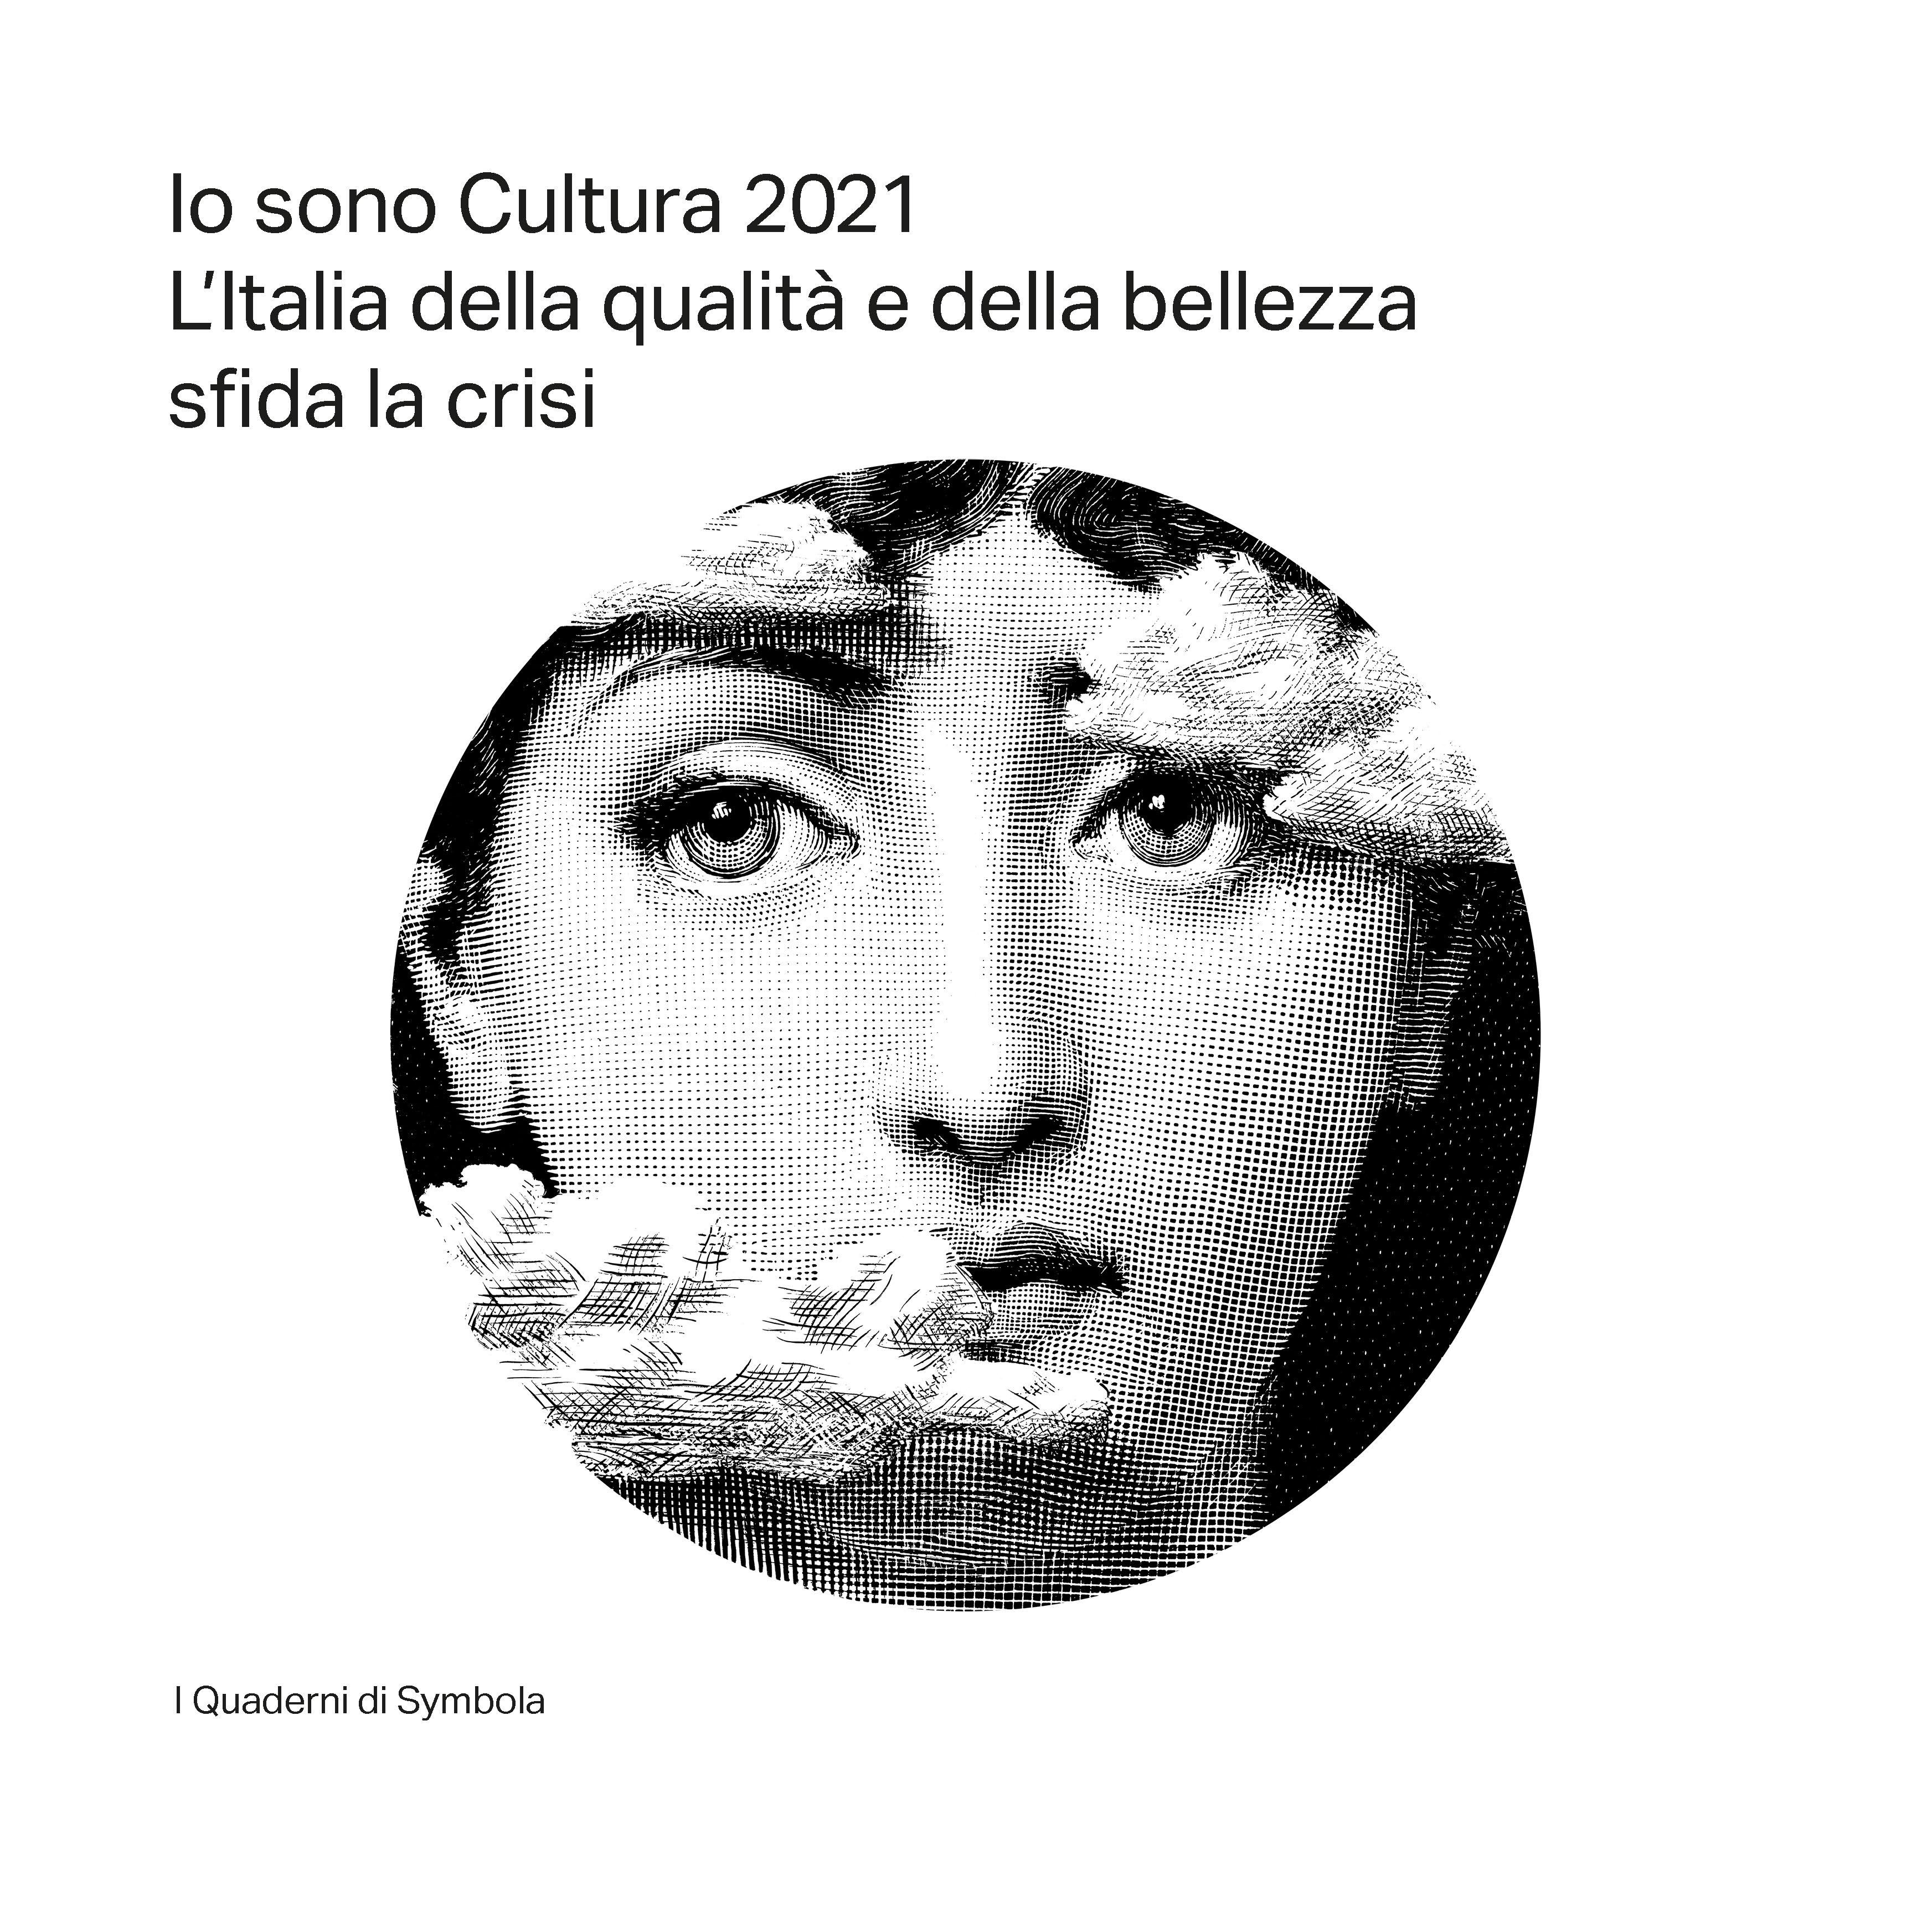 Io-sono-cultura-2021-copertina-200x200-mm